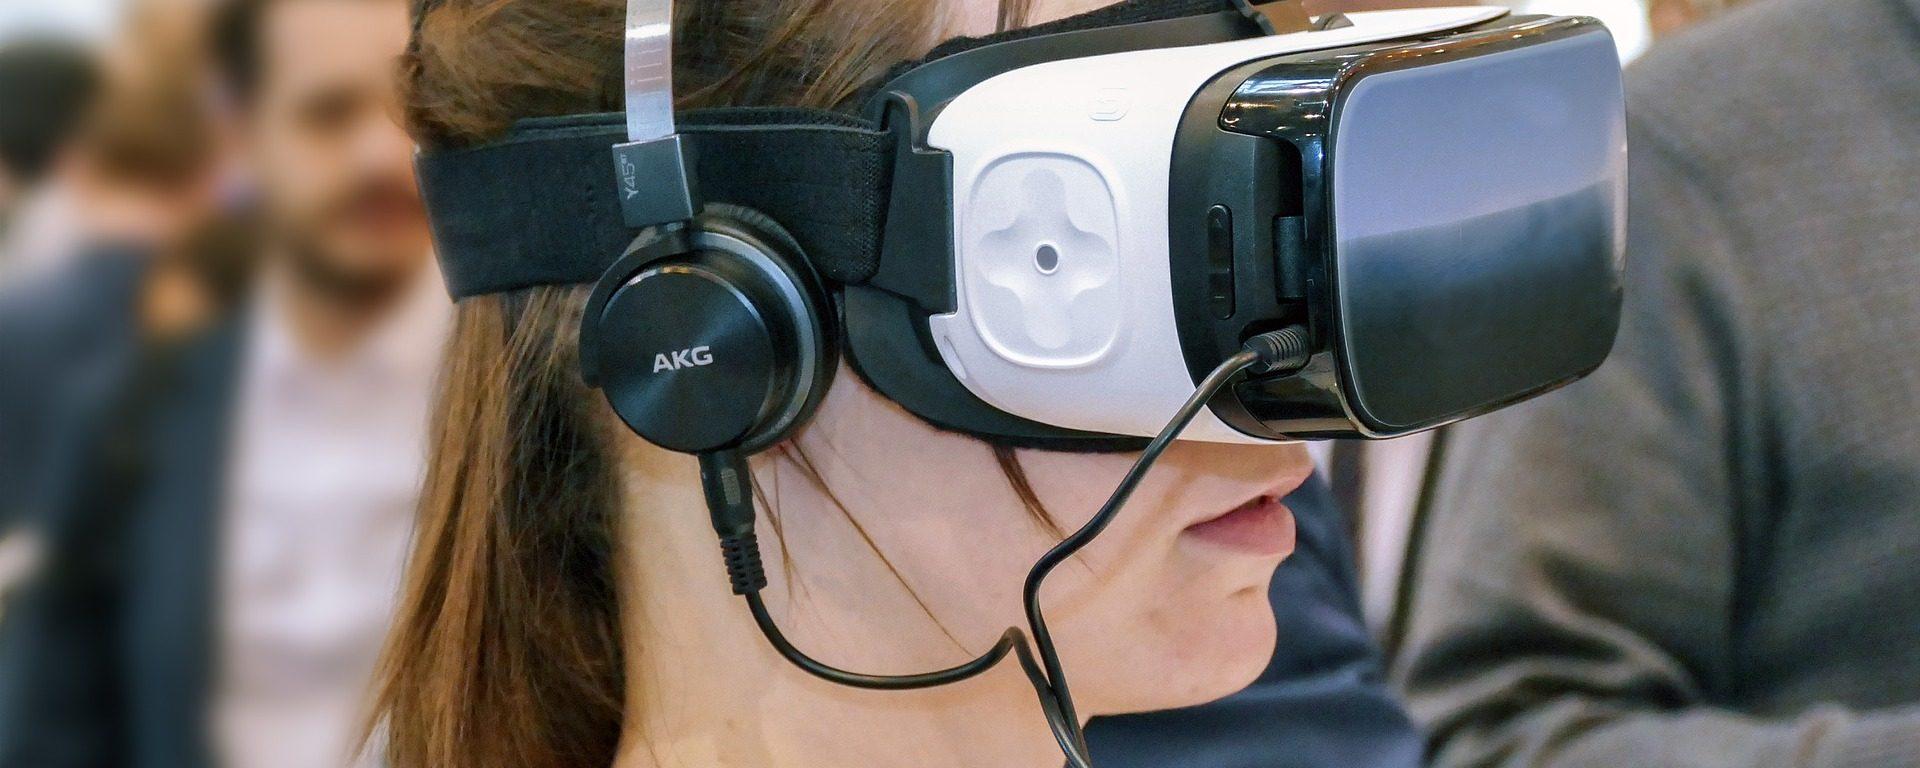 Project North Star: un visore con software opensource